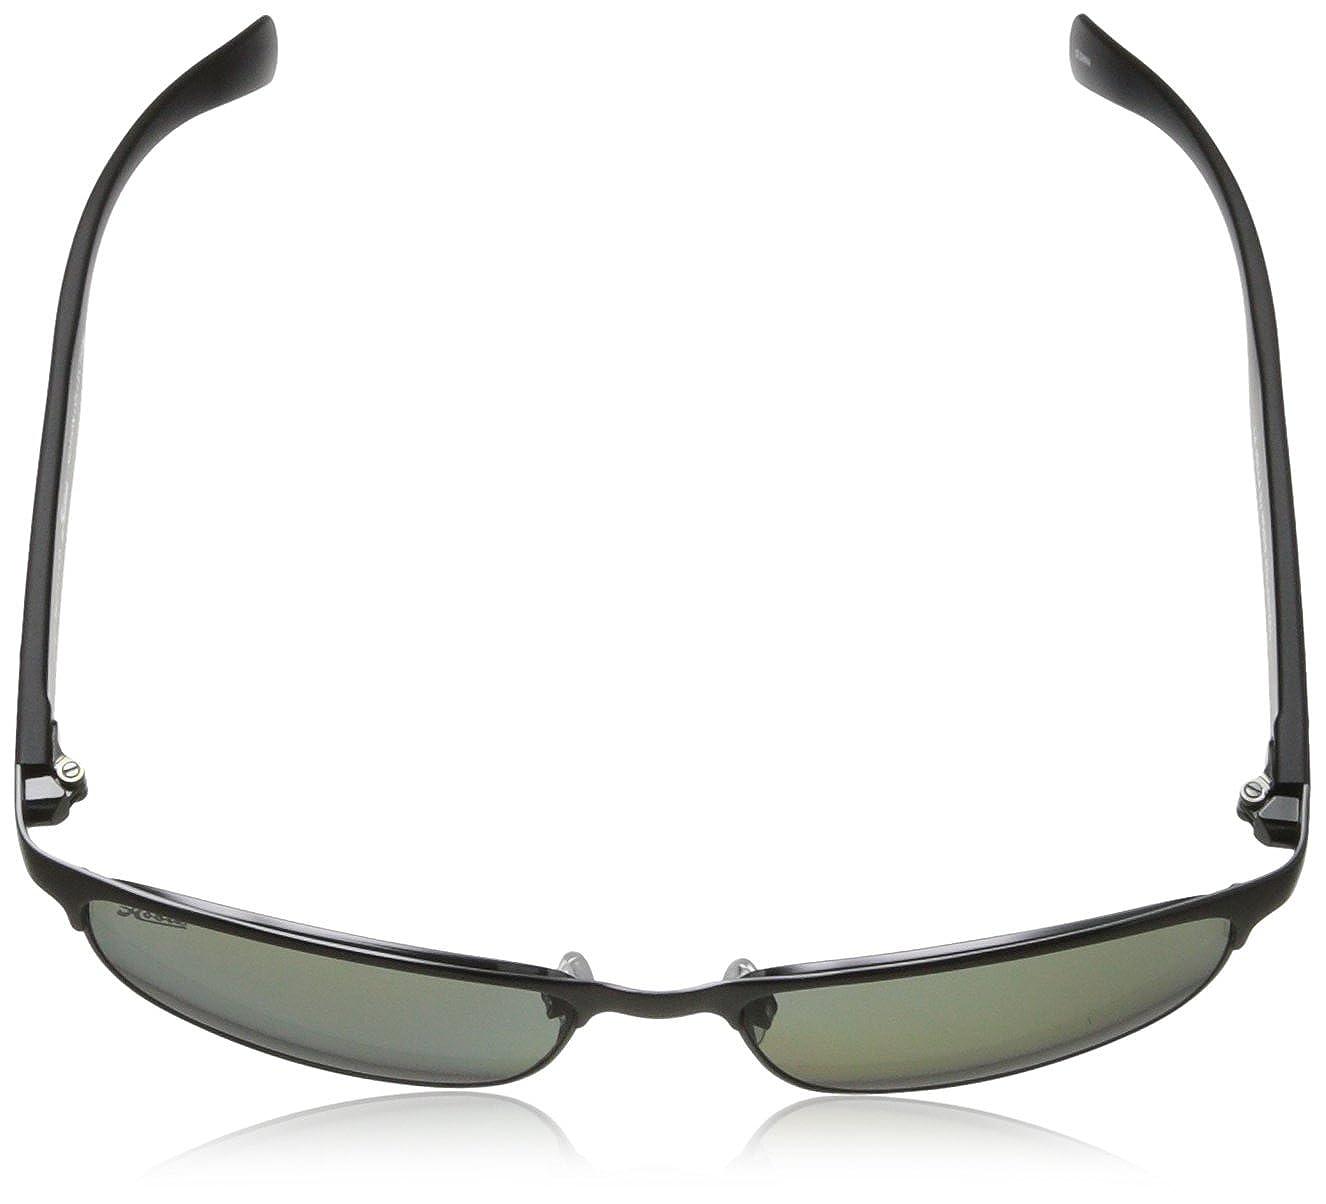 Amazon.com: Hobie Scripps Rimless anteojos de sol, Gris, 56 ...